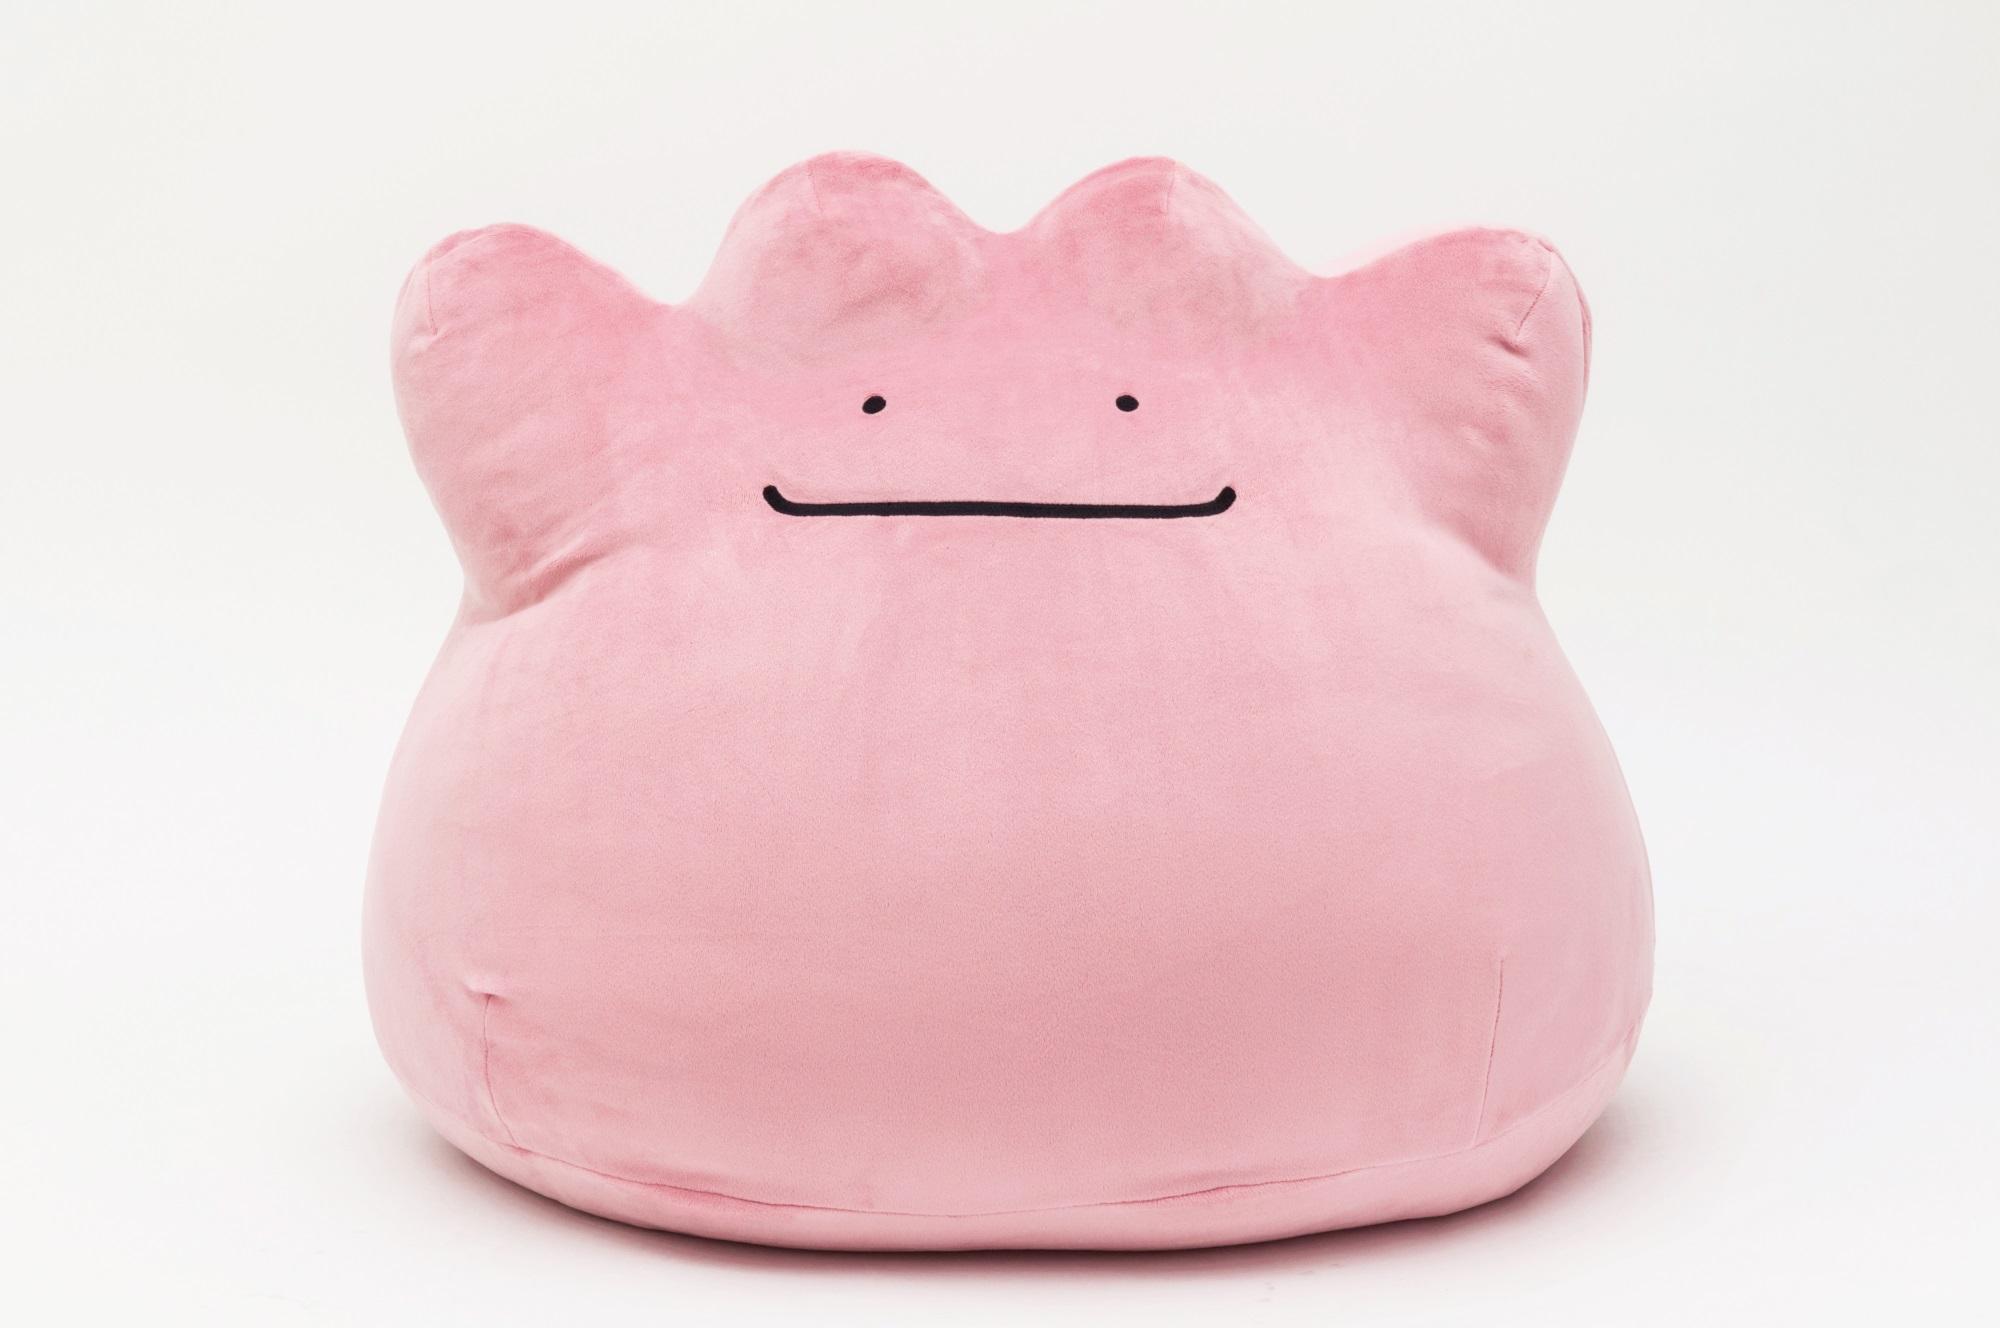 飛び込みたい笑顔 メタモンの「超ビッグサイズもっちりぬいぐるみ」が